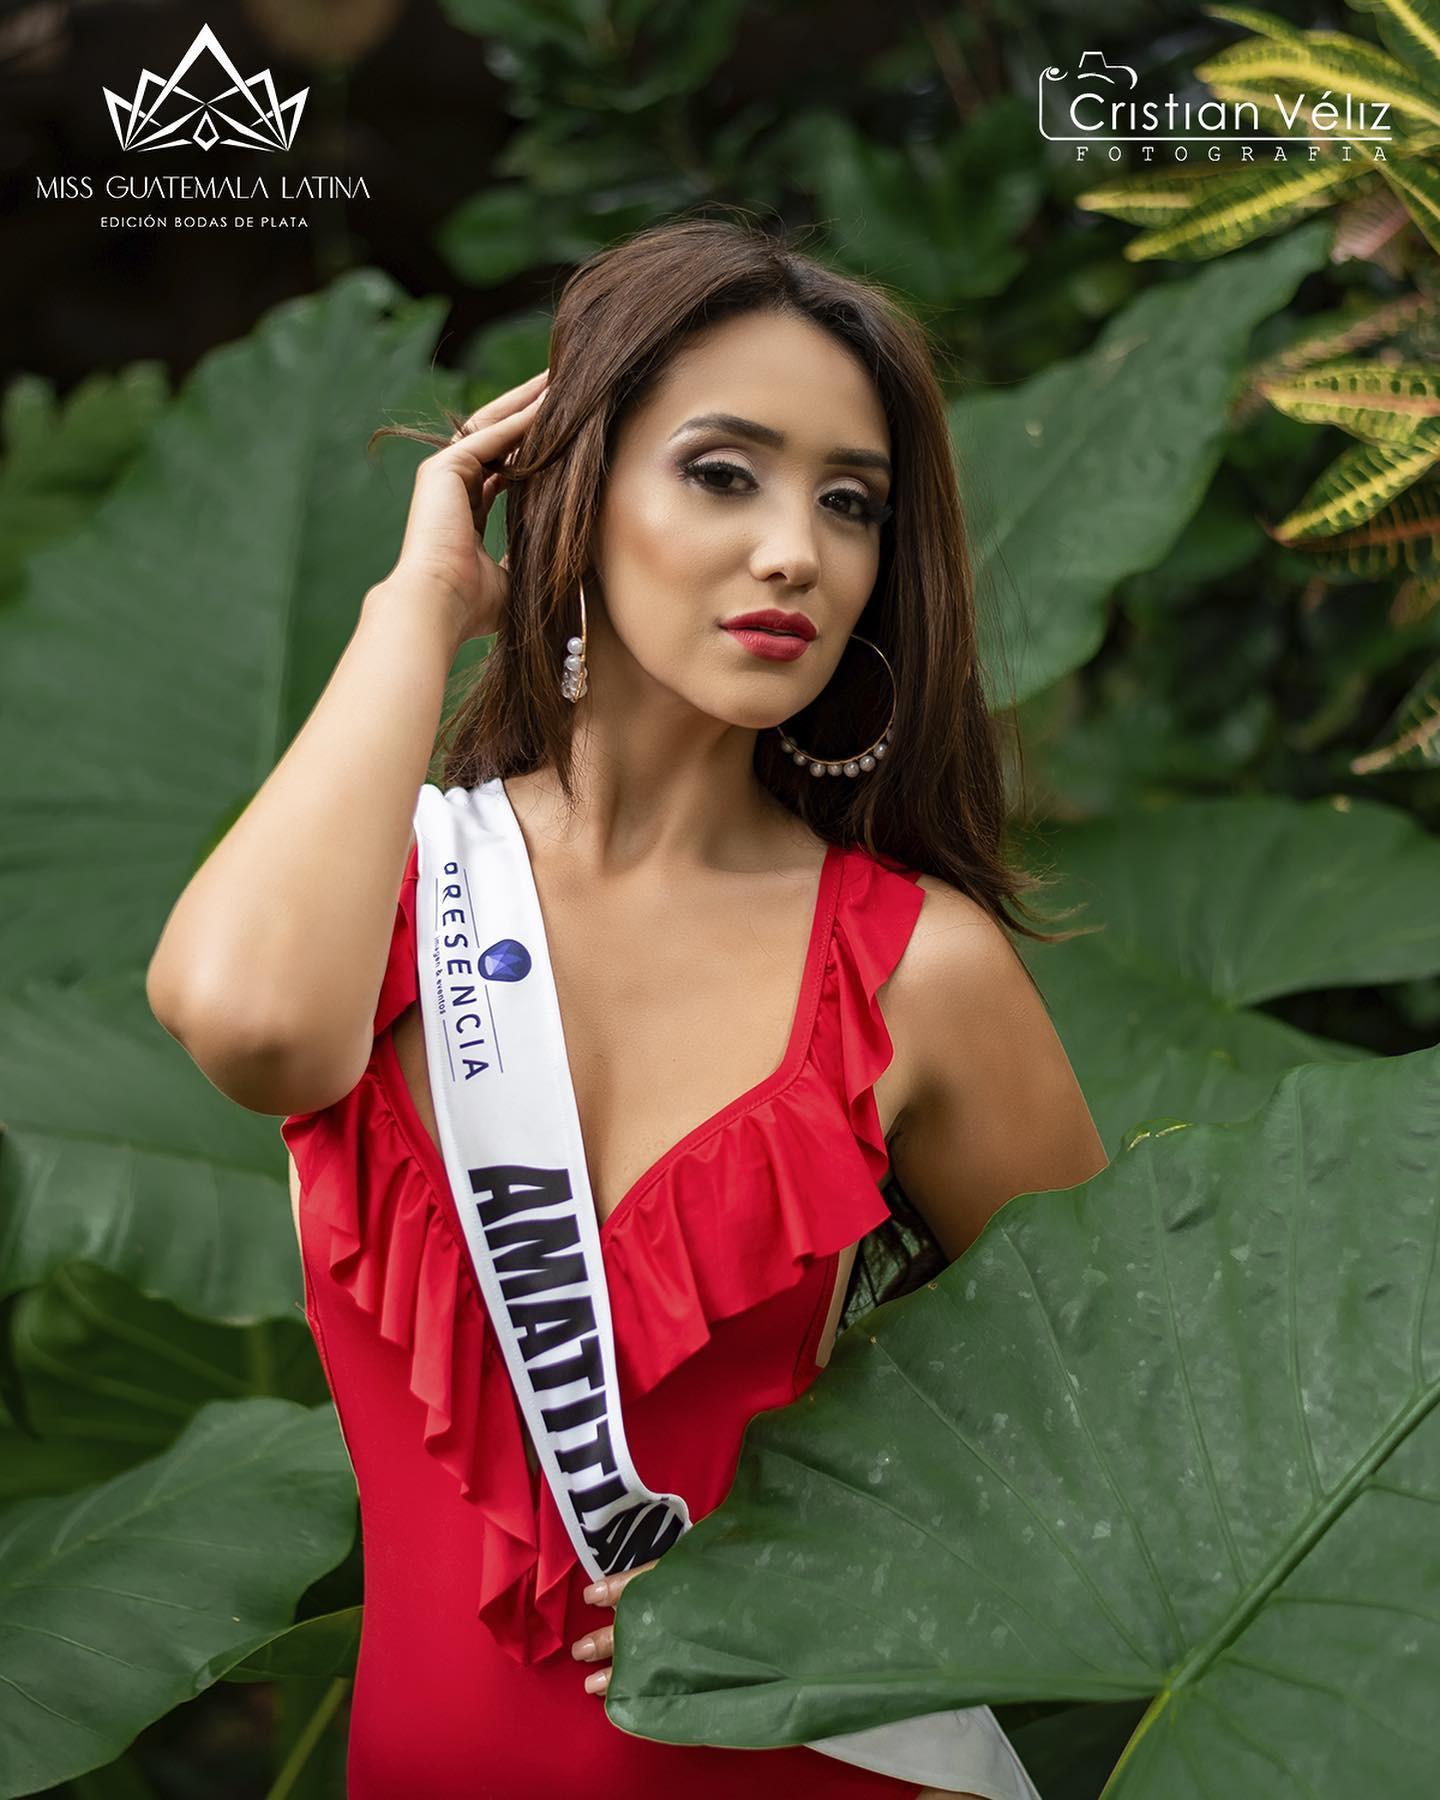 candidatas a miss guatemala latina 2021. final: 30 de abril. - Página 3 B3TF3P